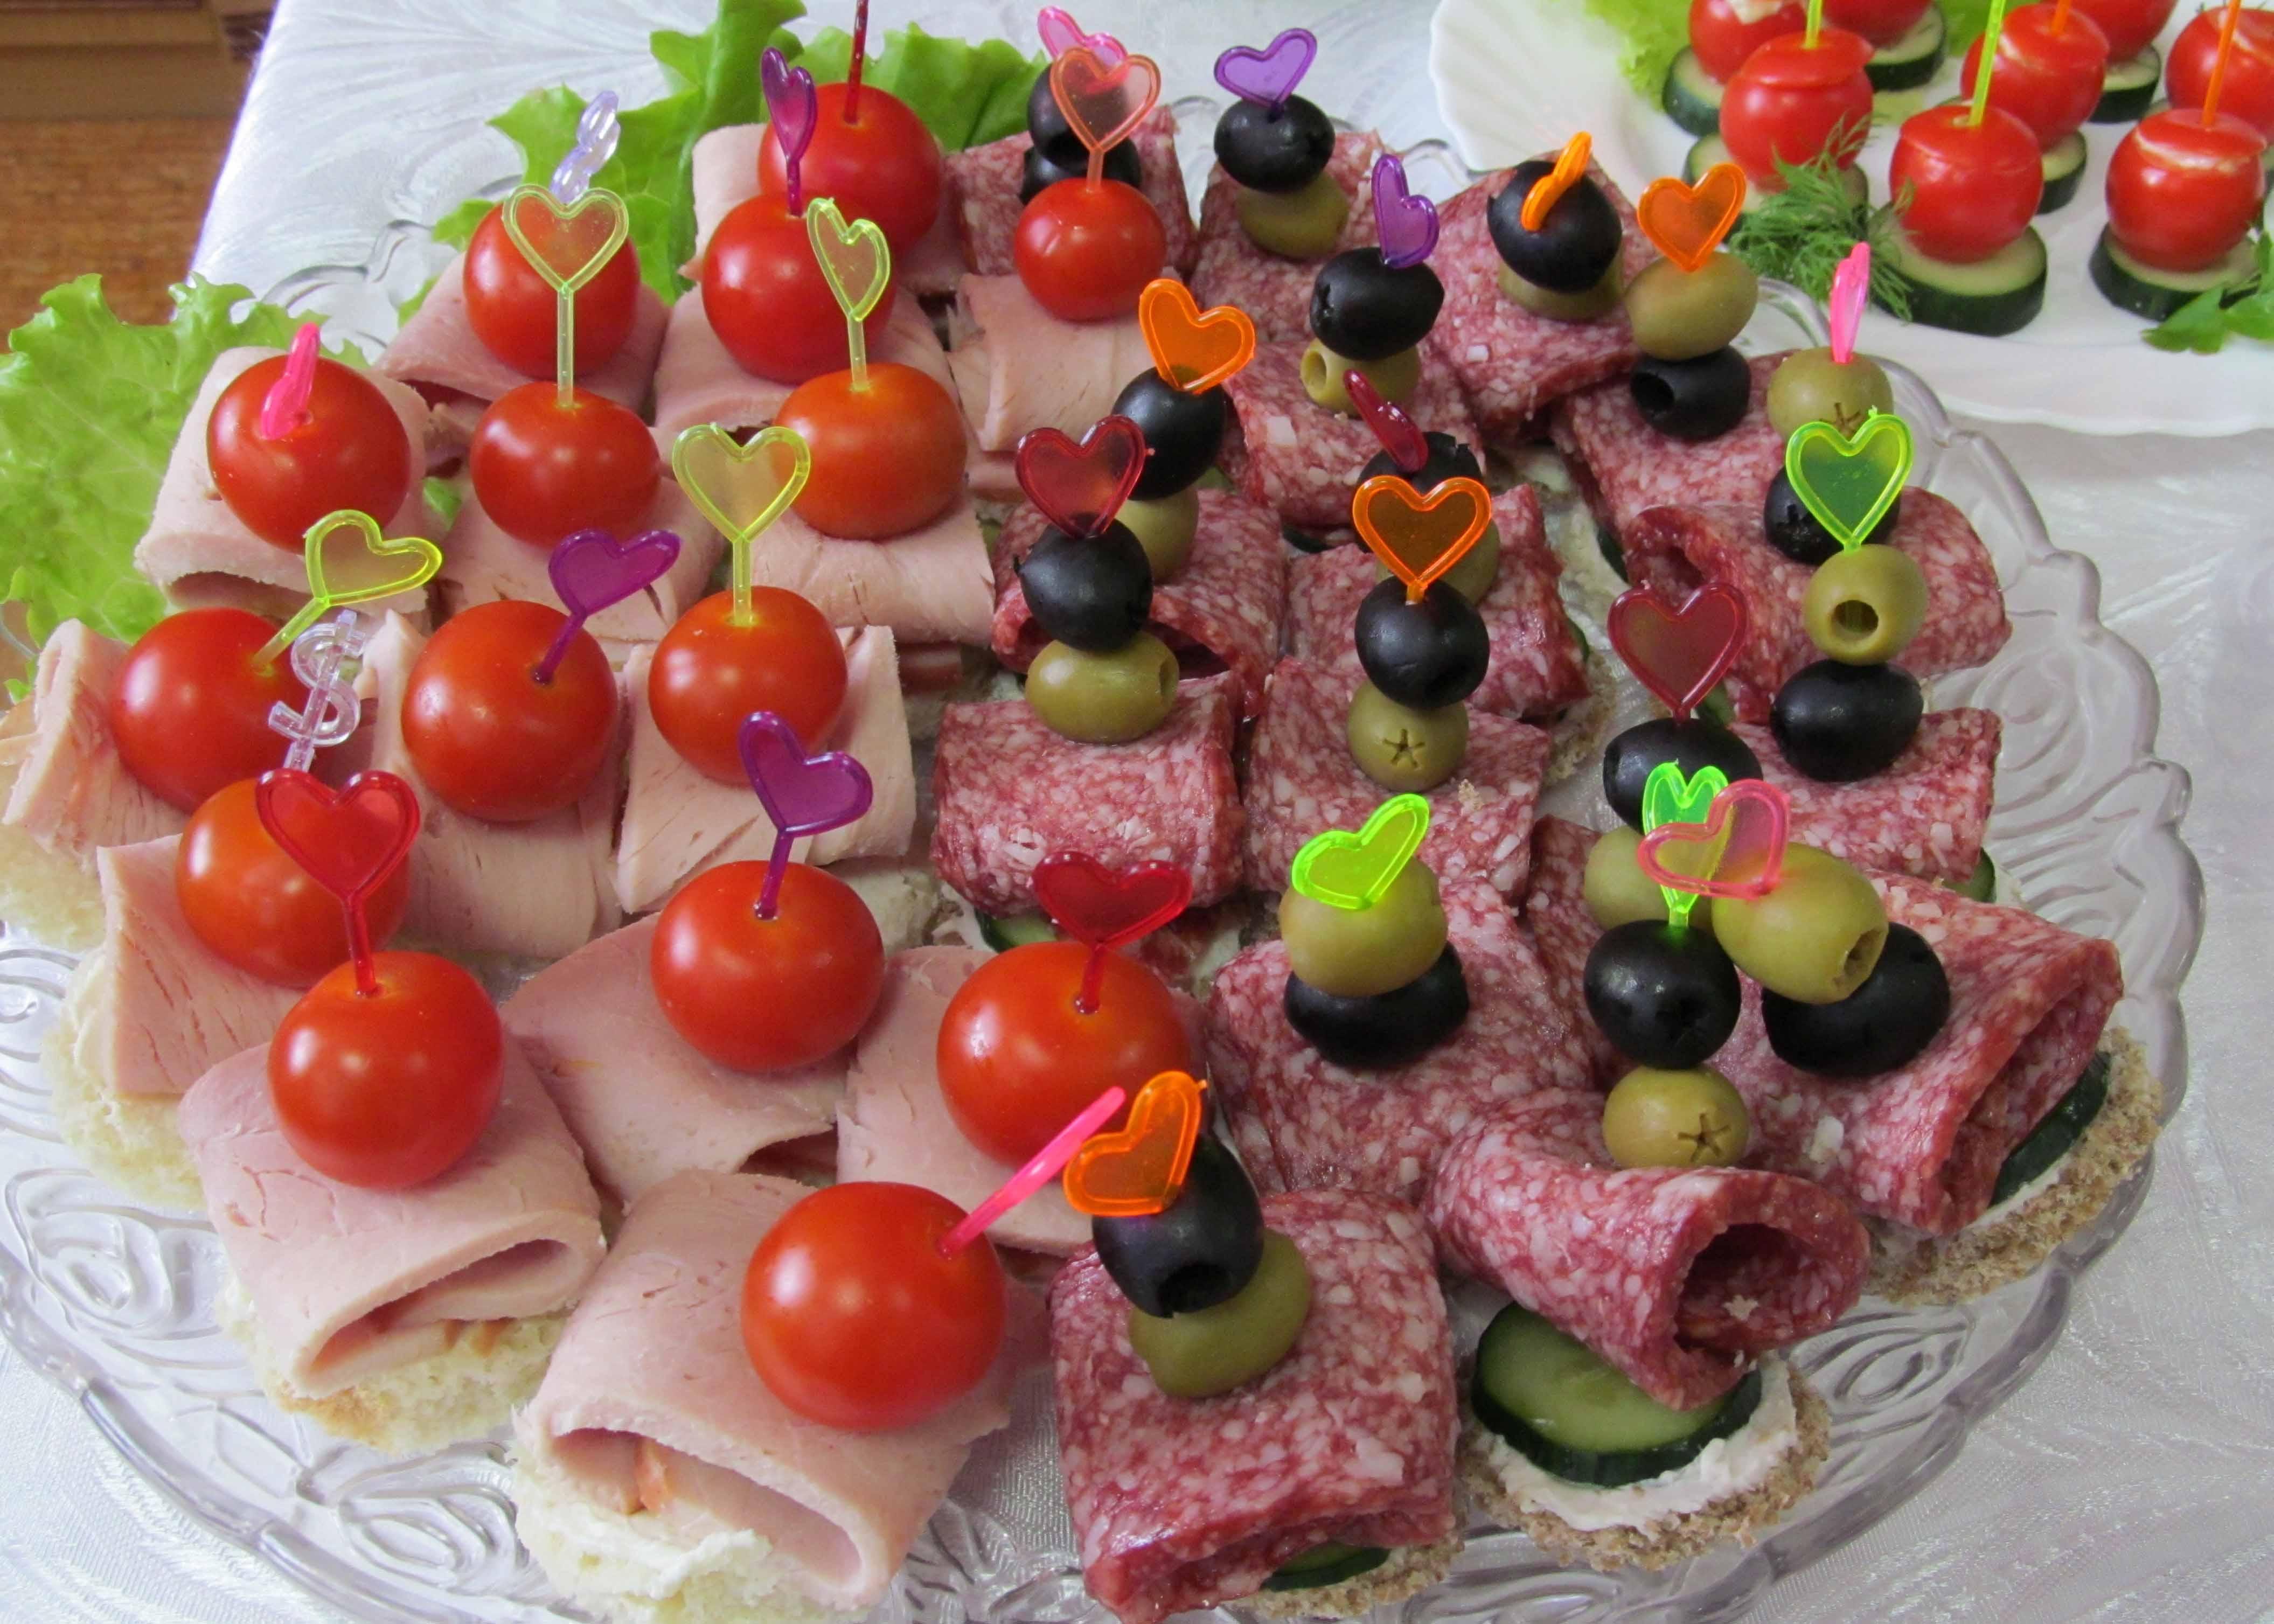 Фрукты на канапе на праздничный стол рецепты в домашних условиях